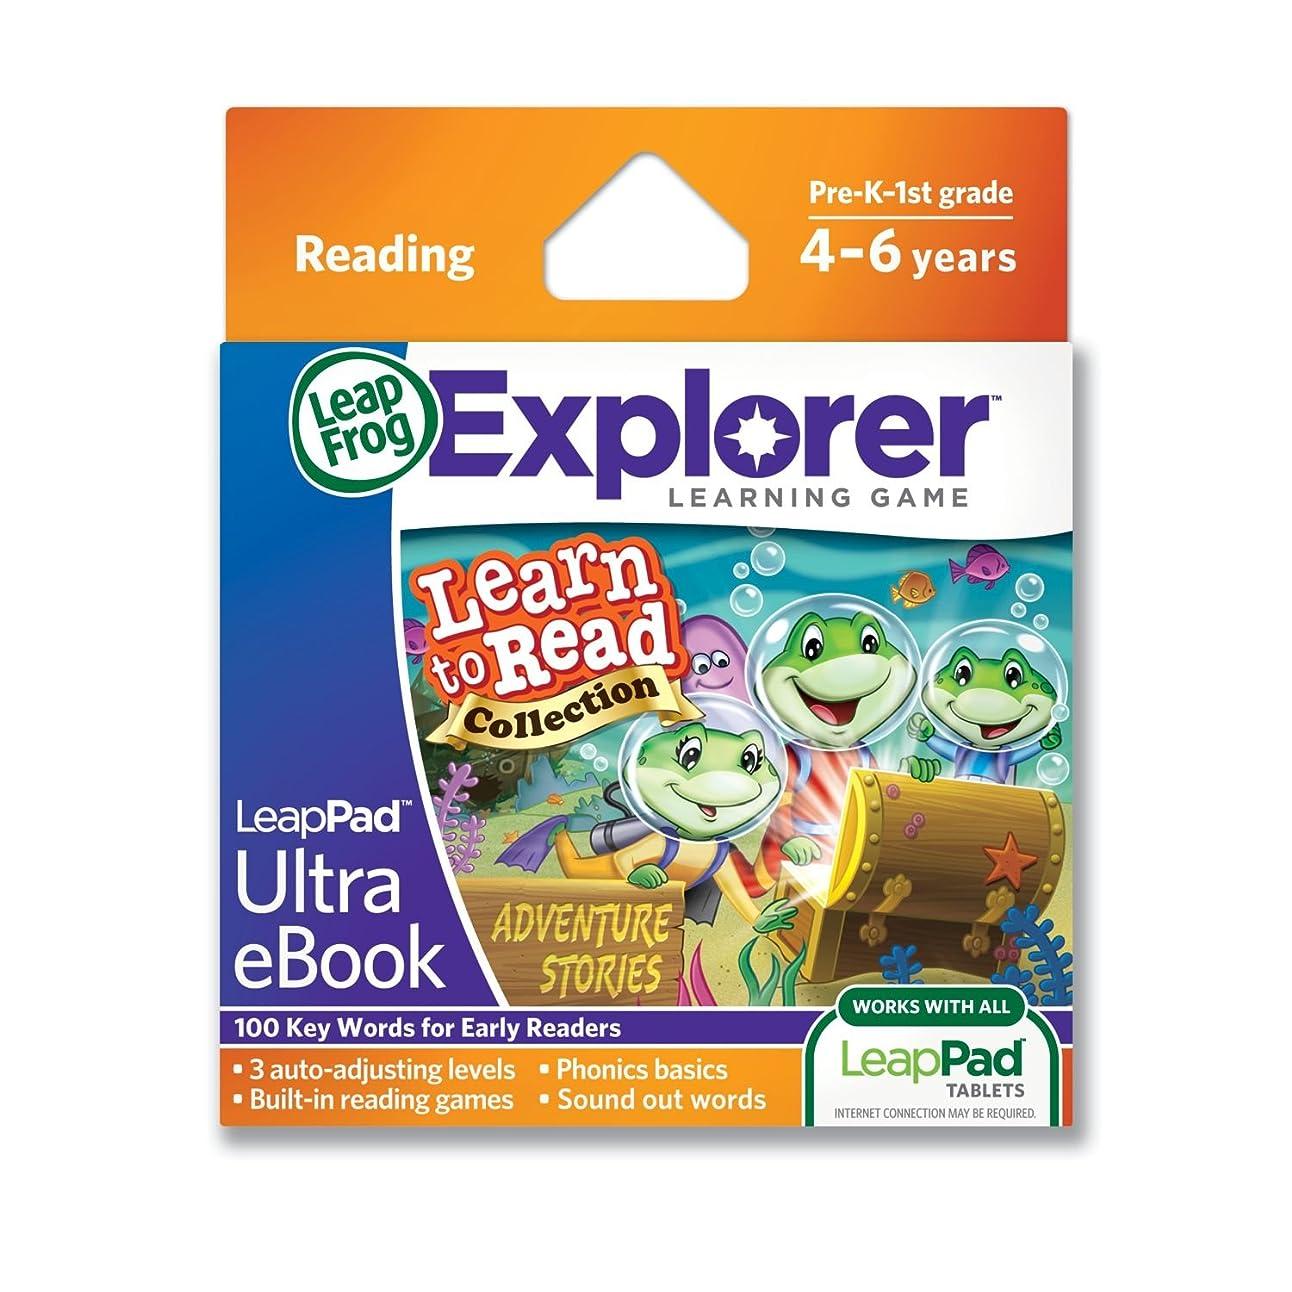 治世アナロジーよろしくリープフロッグ(LeapFrog) ラーントゥリードVol.2 アドベンチャーストーリーズ LEARN TO READ VOL 2 Adventure Stories 32018